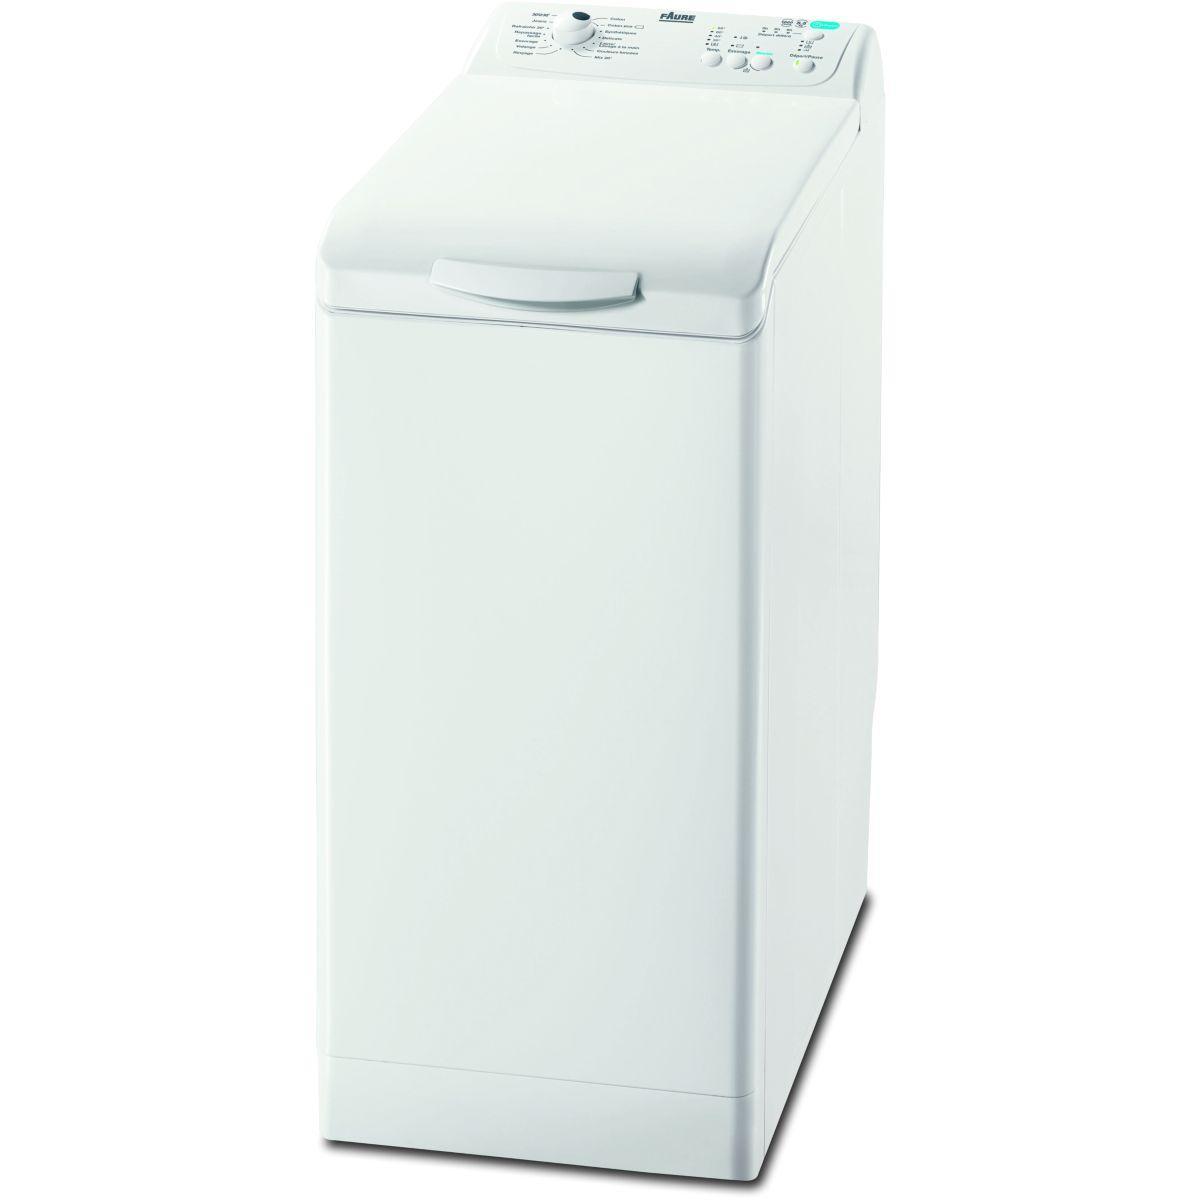 Lave-linge Top FAURE FWQ 5111